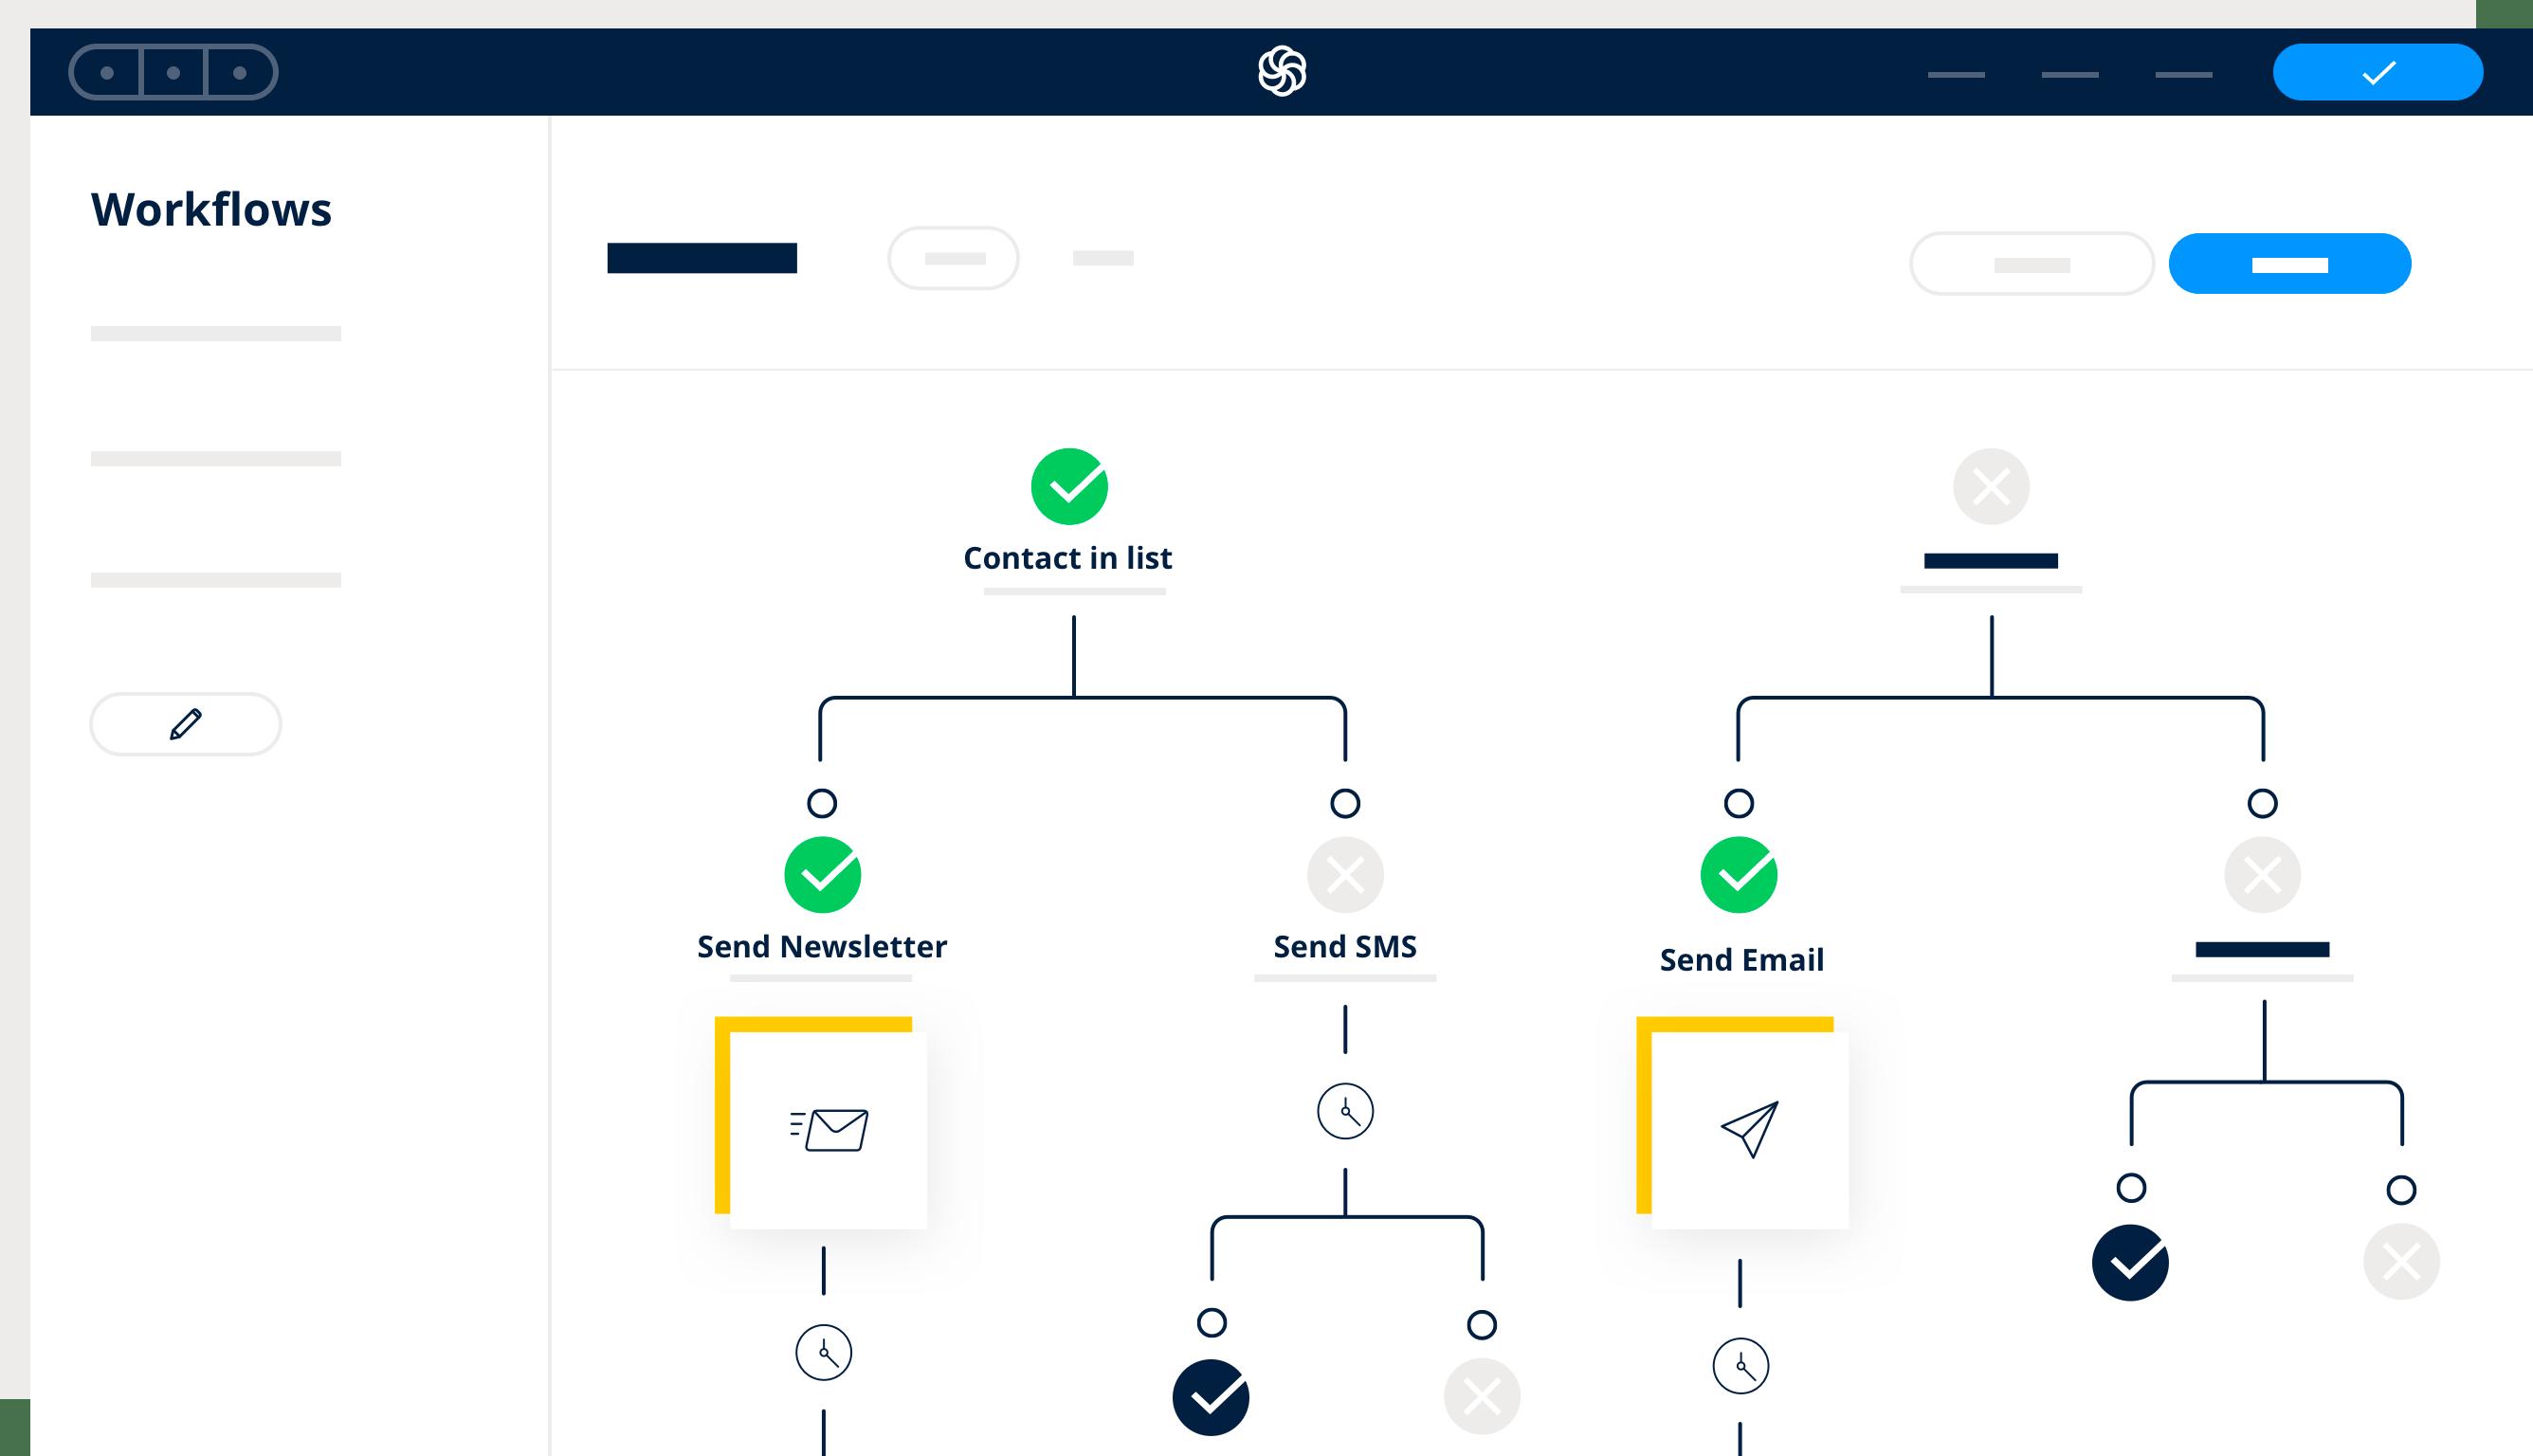 Workflow ou arbre logique d'envoi automatique d'emails selon des critères pré-définis. Crédits Sendinblue.com